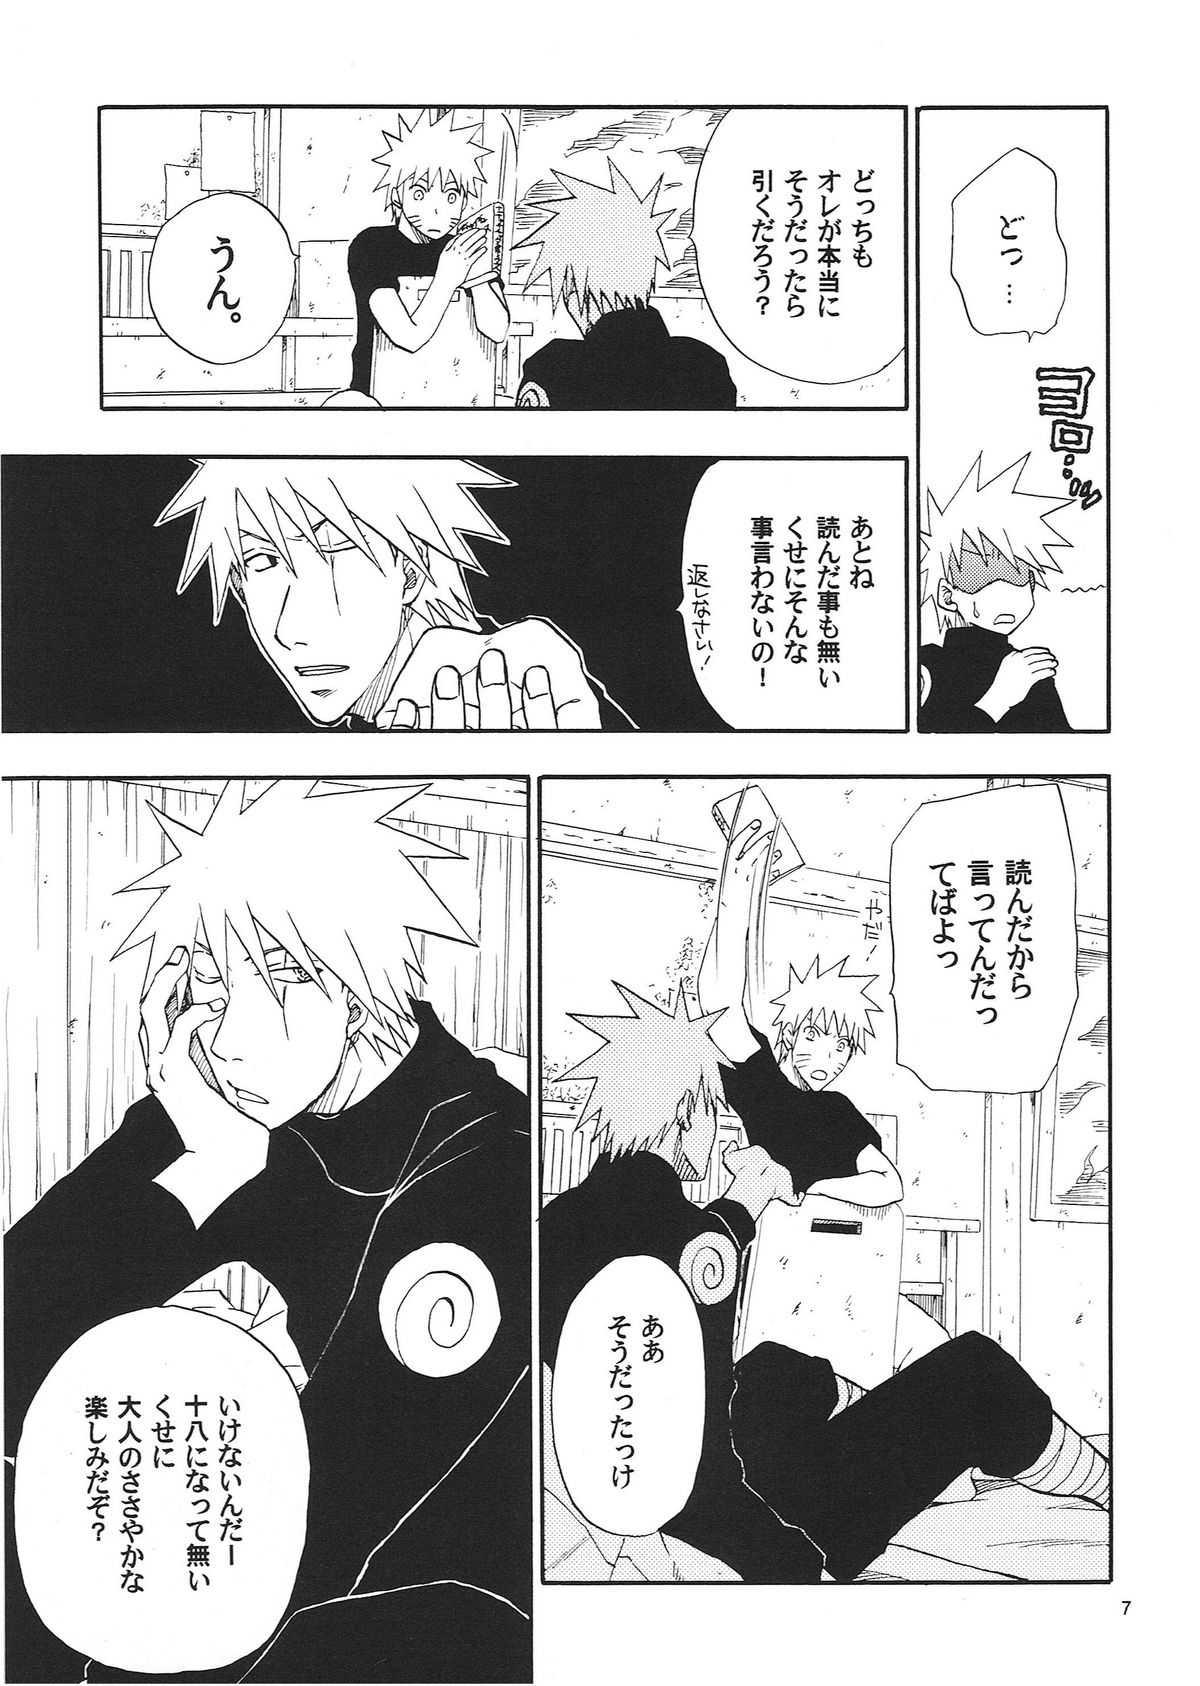 Naruto Doujin Hentai